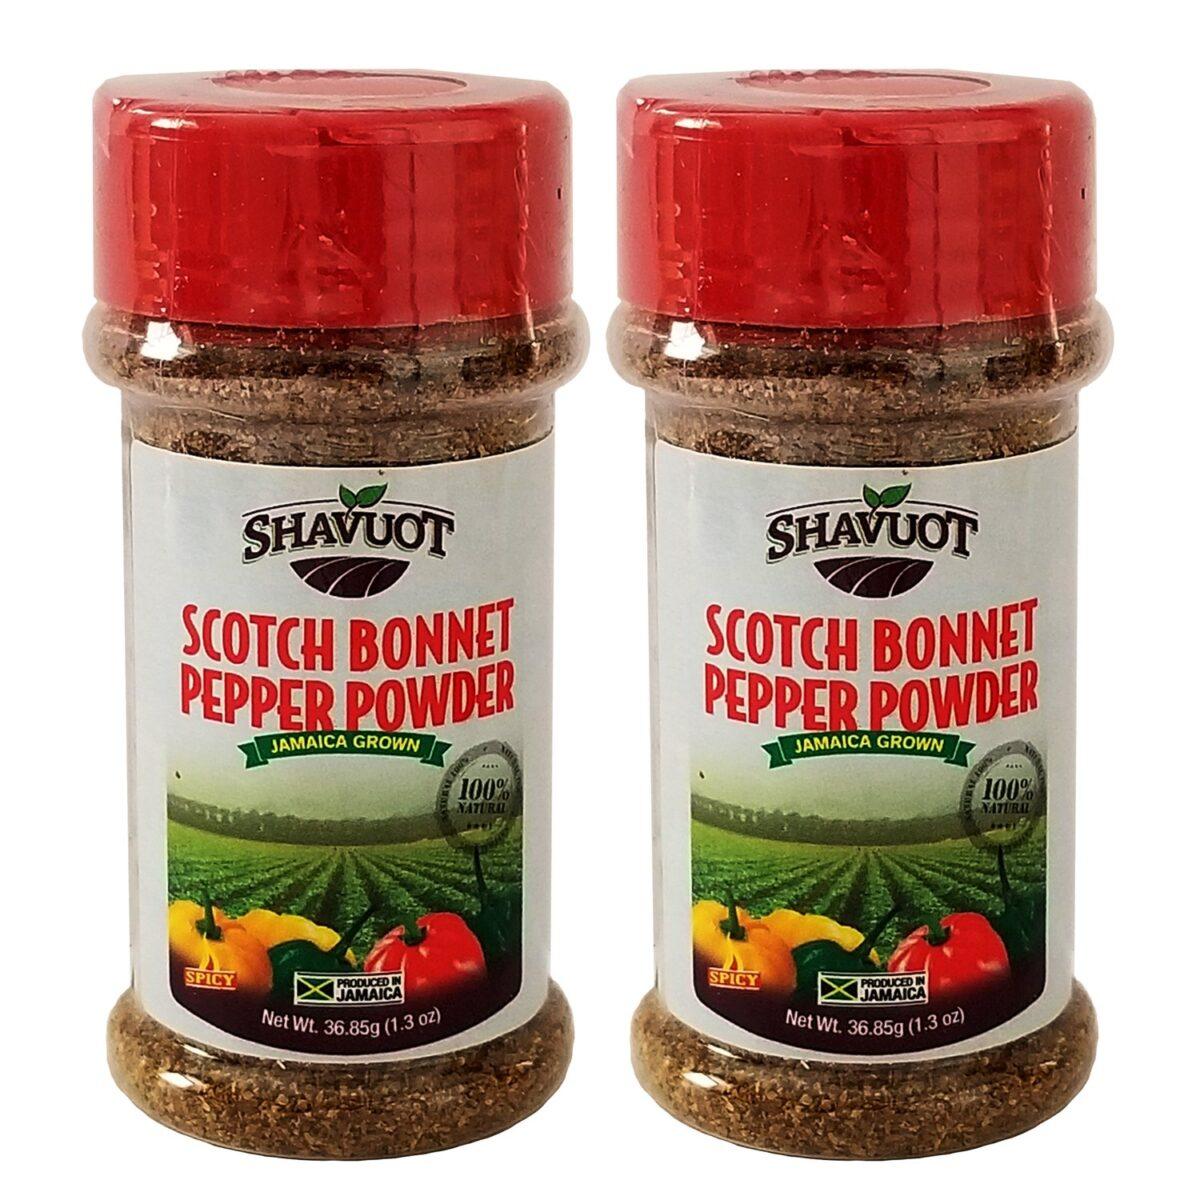 Jamaican Scotch Bonnet Pepper Powder